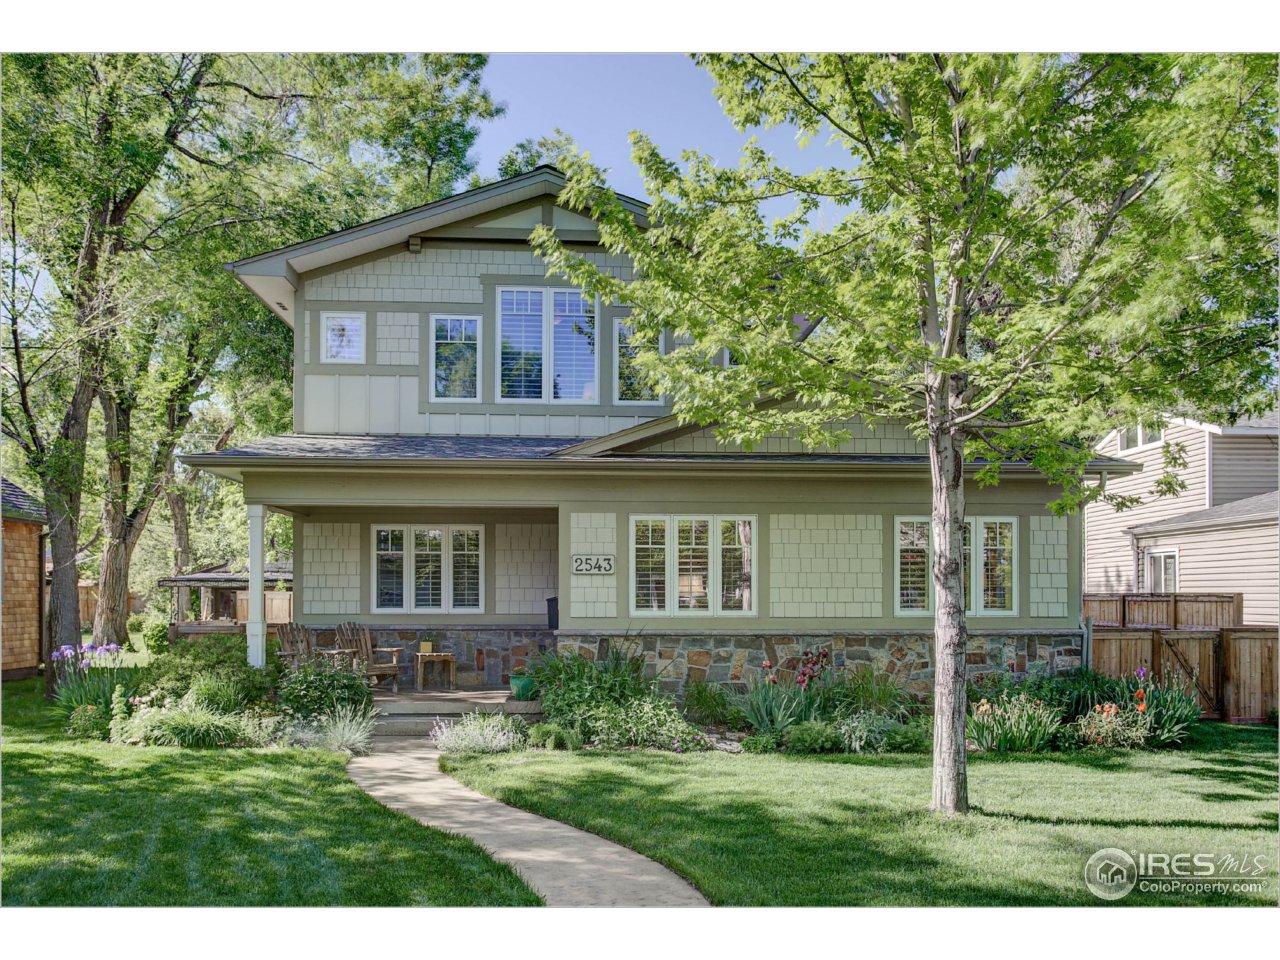 2543 Pine St, Boulder CO 80302